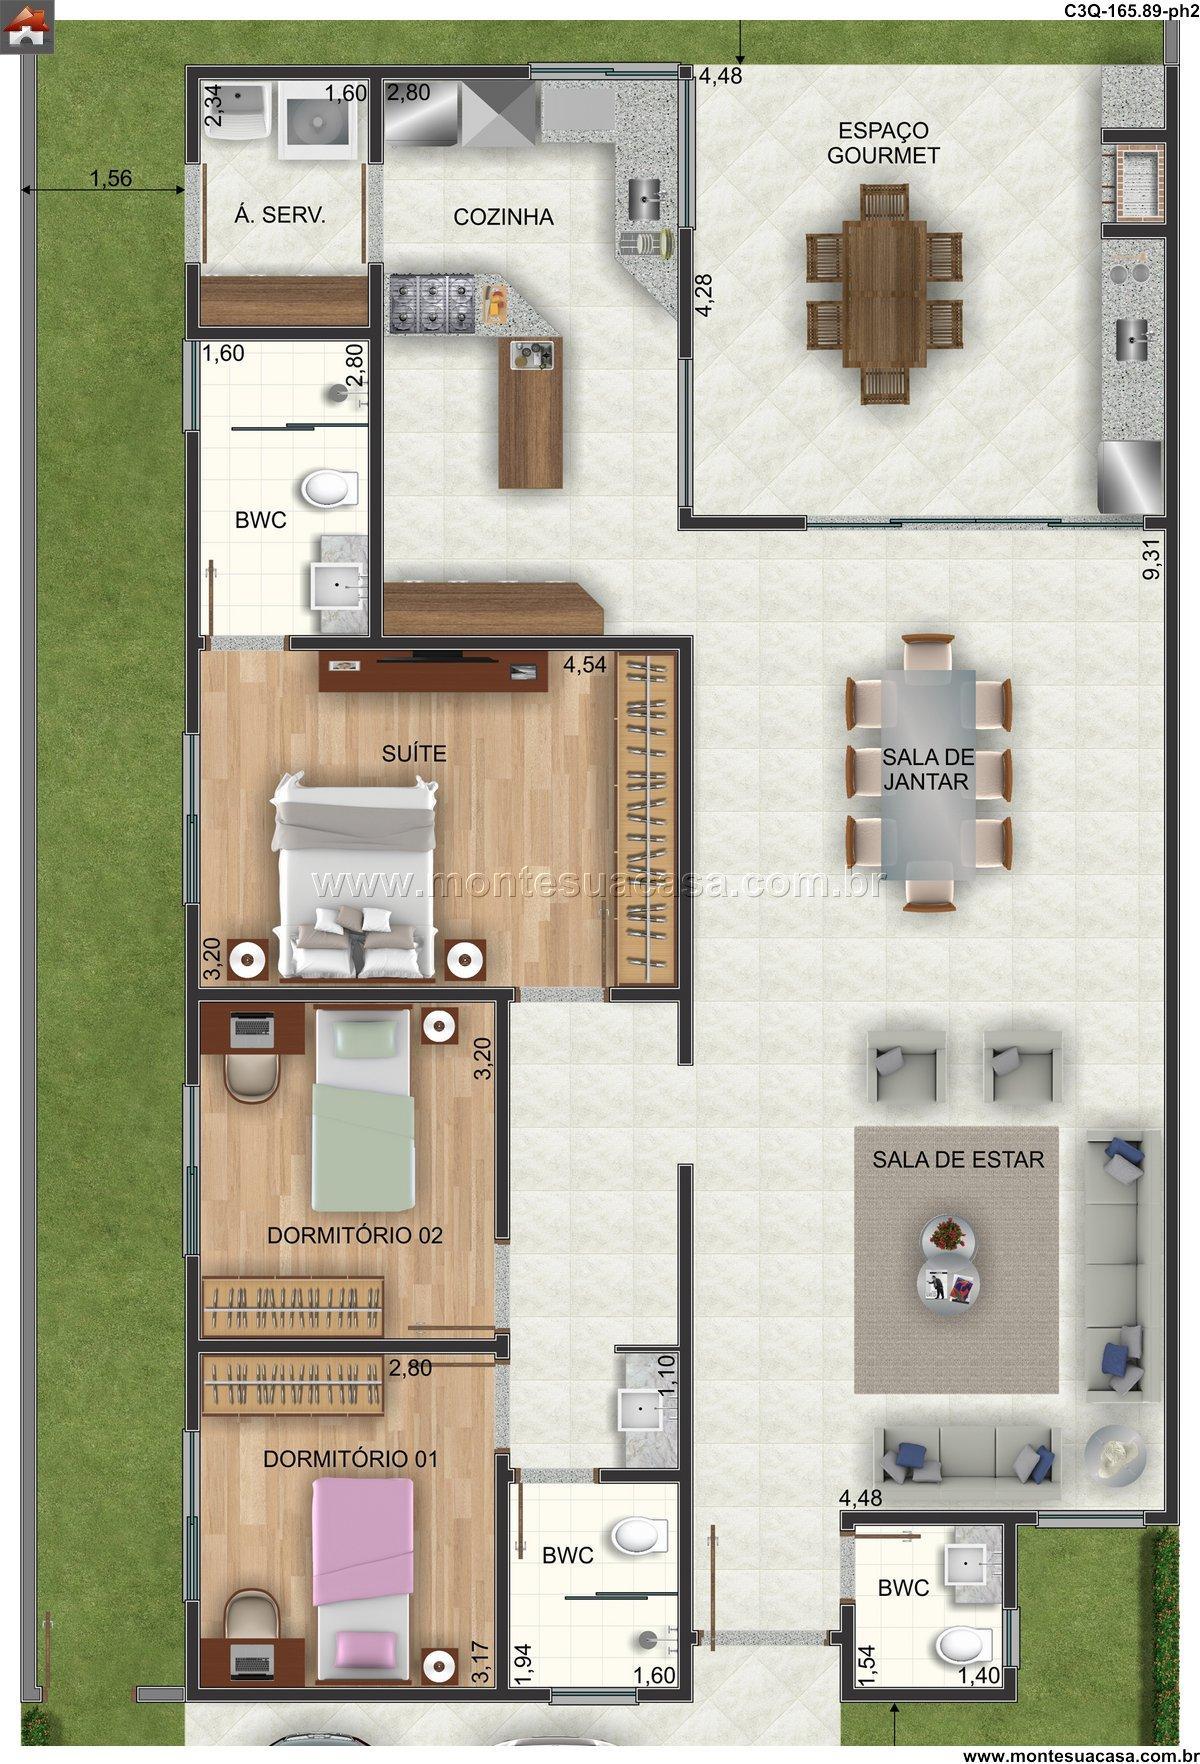 Casa 3 Quartos  –  165.89m²